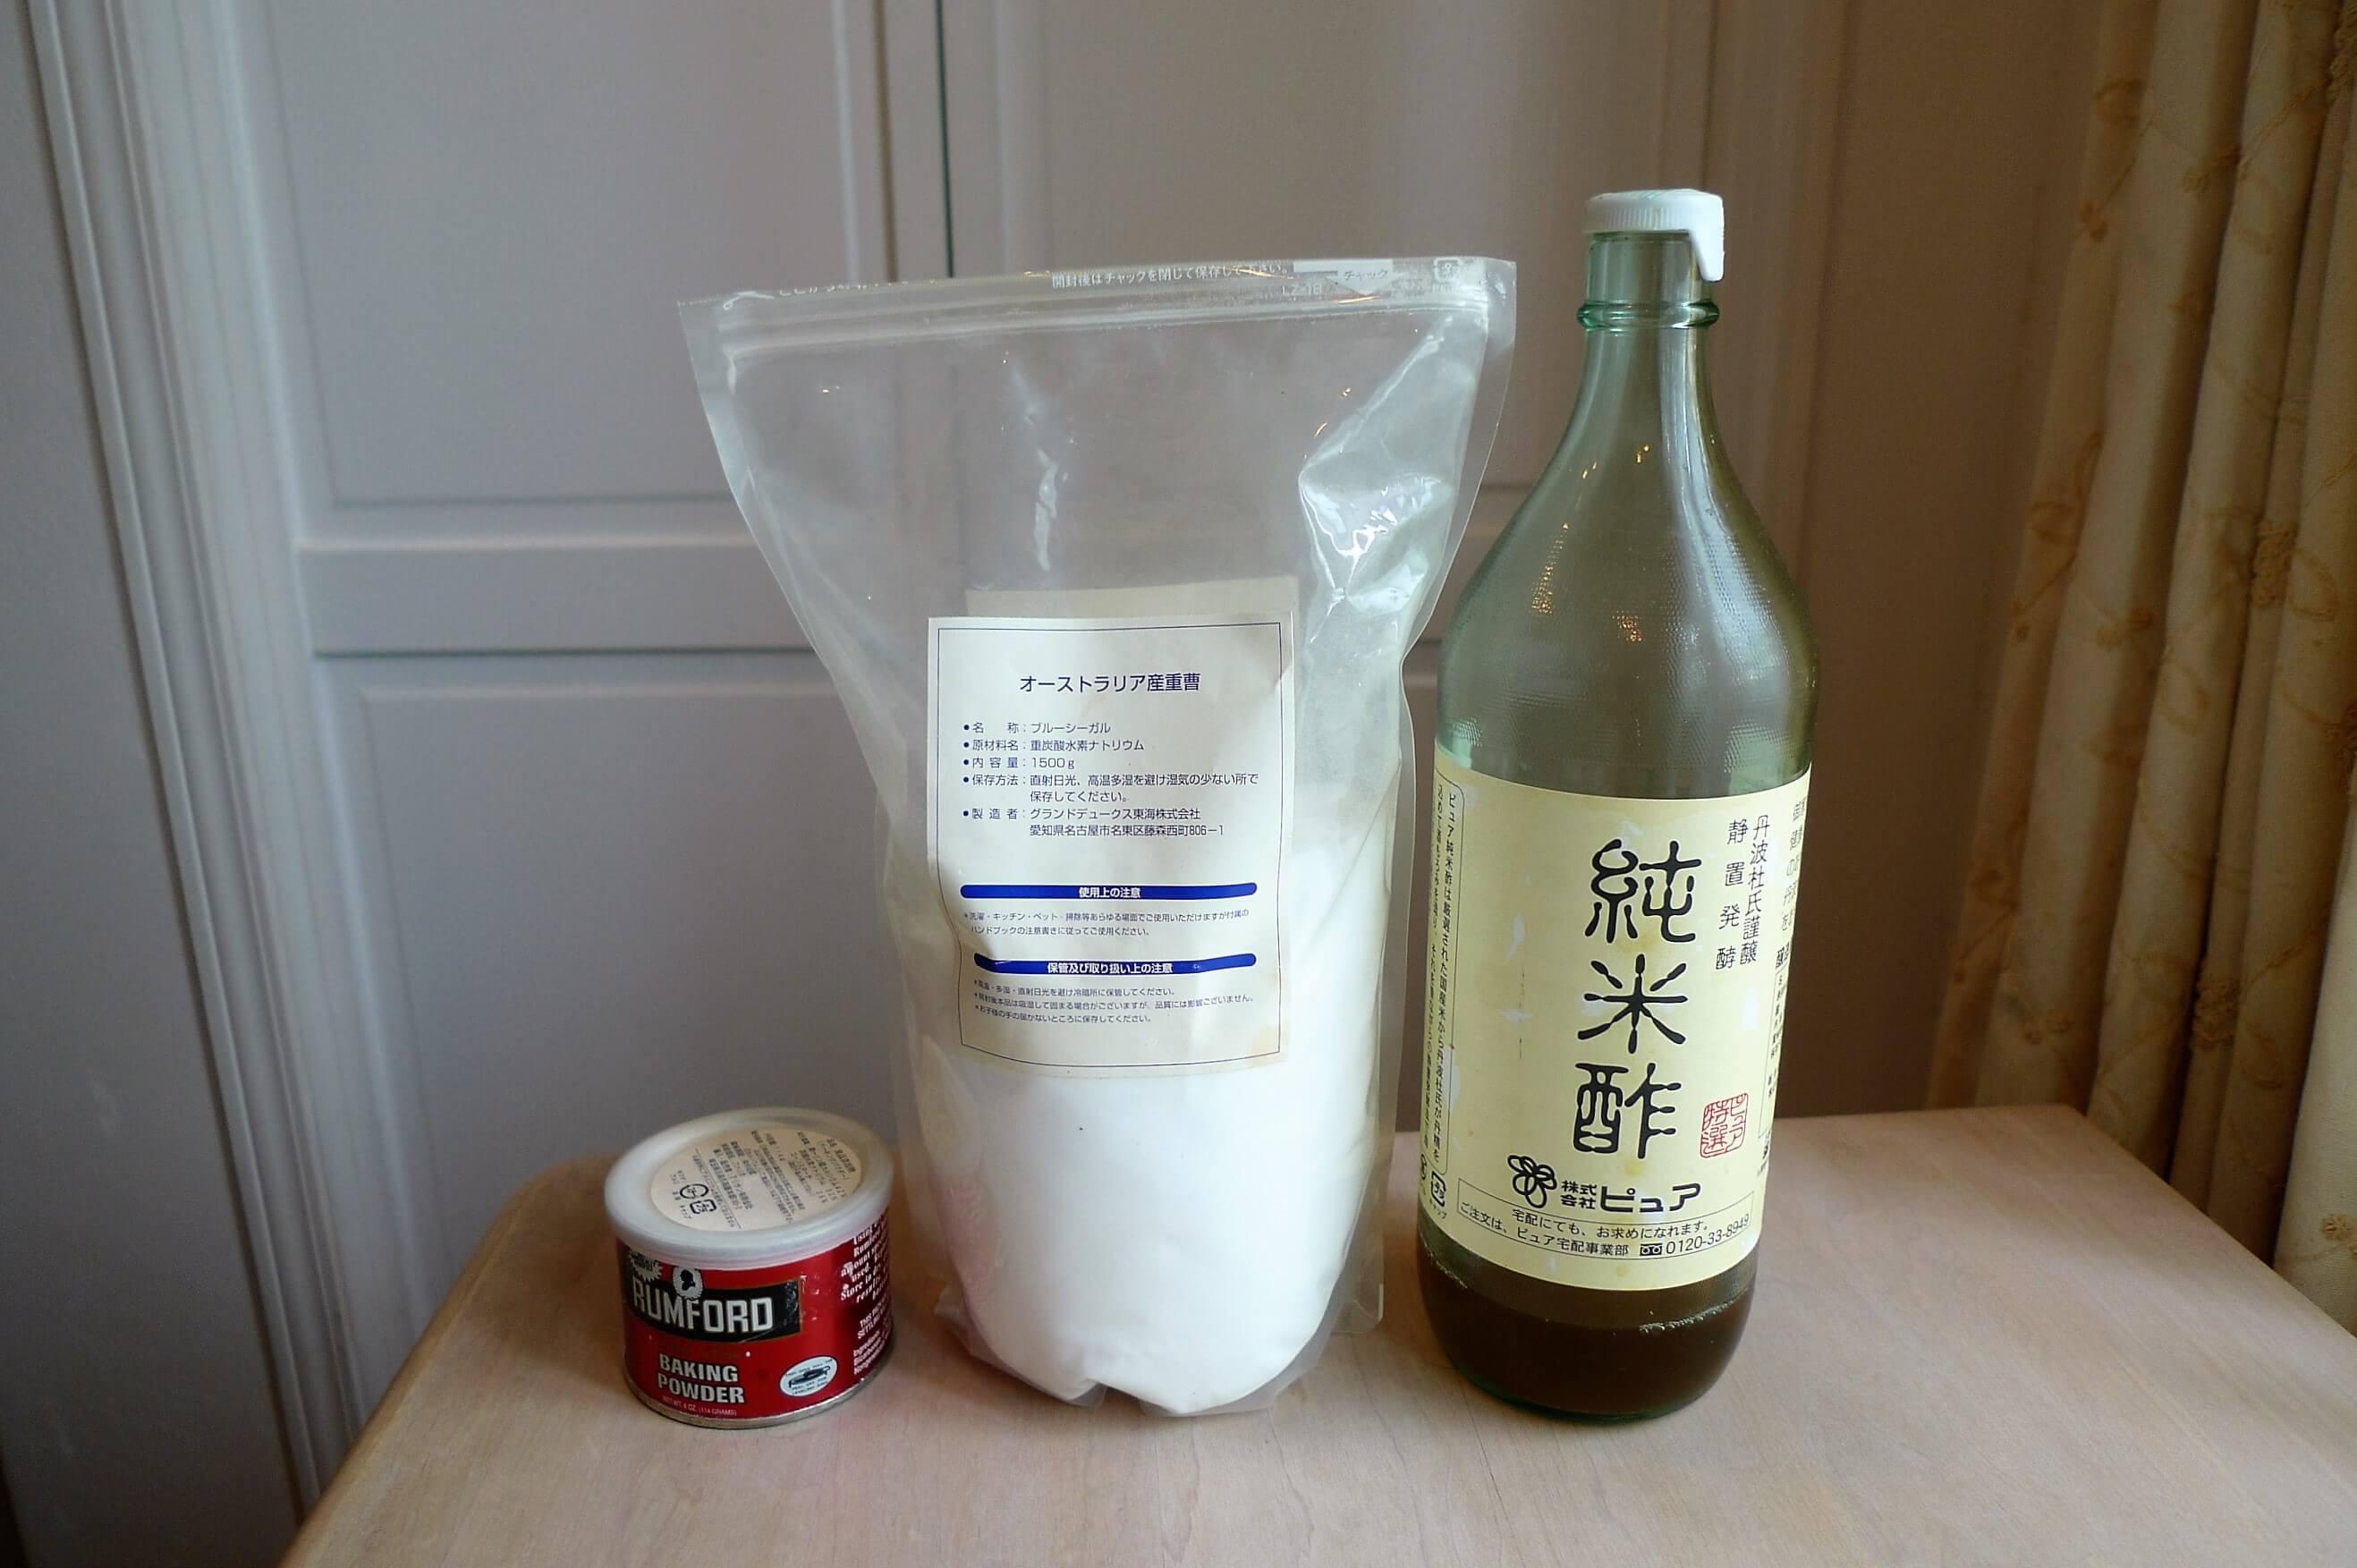 キッチンの排水口の詰まりをキッチンの排水口の詰まりを直すお酢と重曹